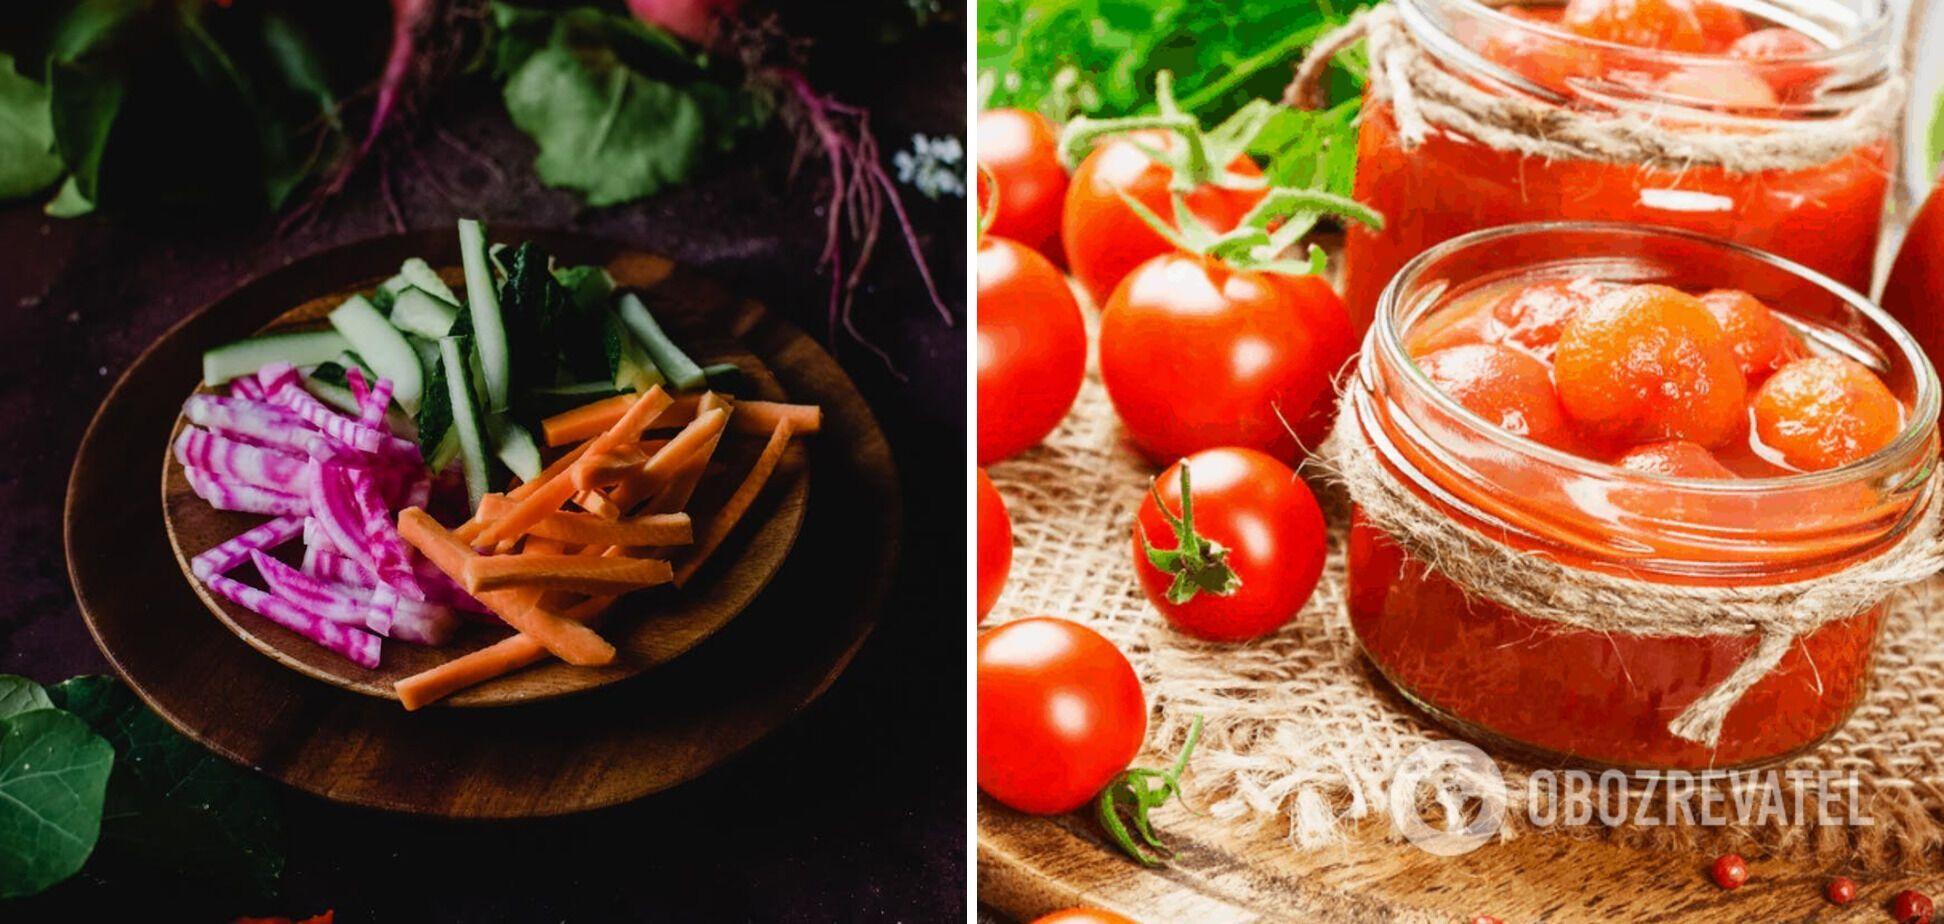 Ингредиенты для борща – овощи аль денте и томаты в собственном соку